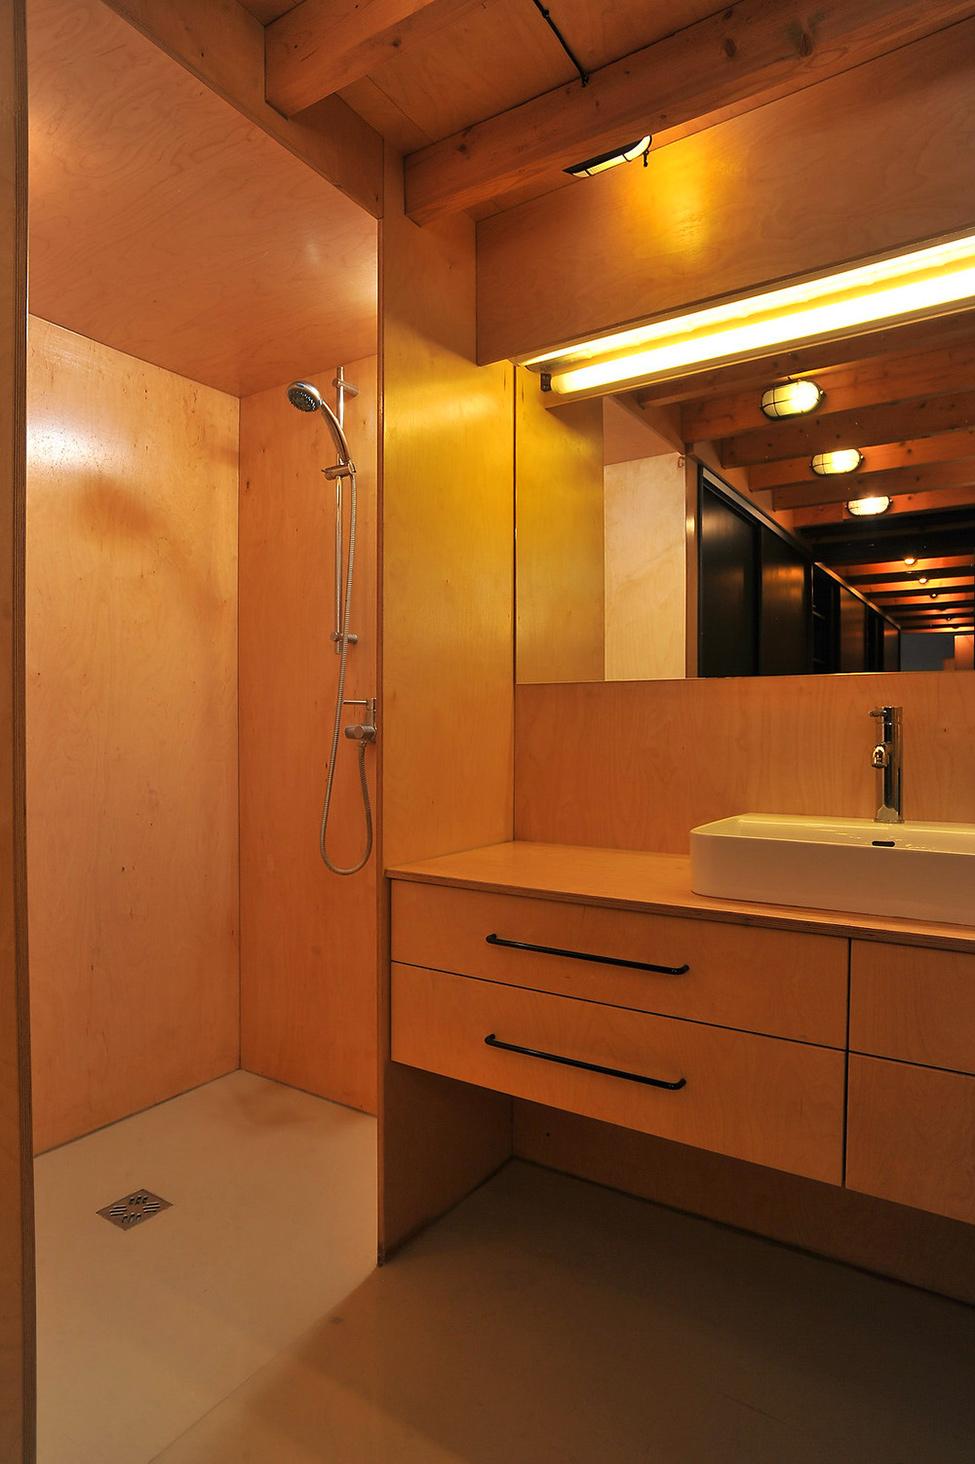 Baños Diseno Minimalista:Factory Loft Interior Design Ideas